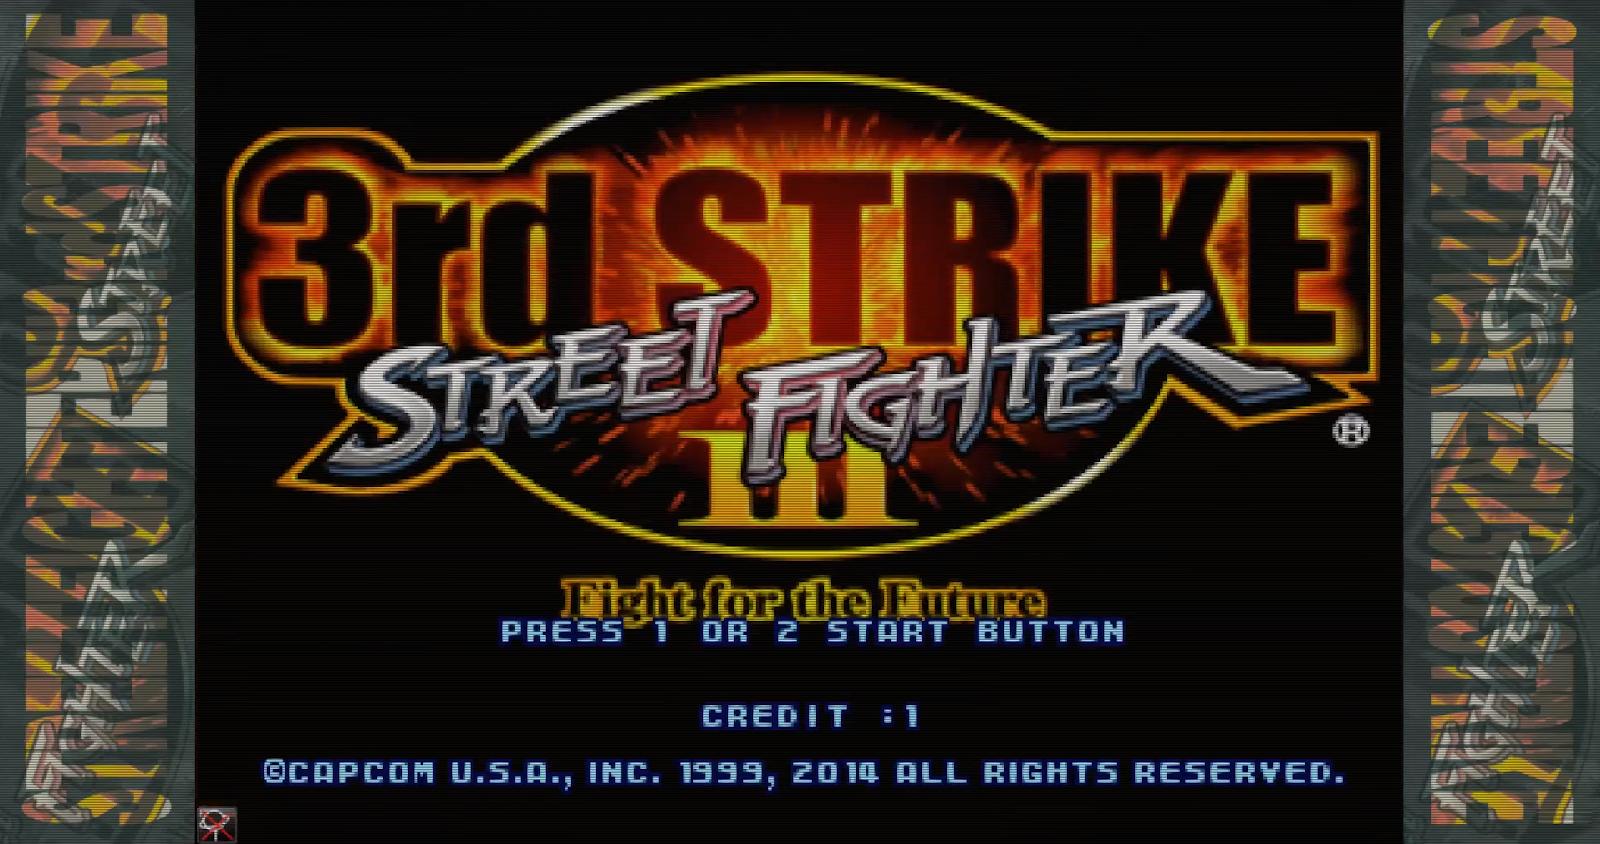 Street Fighter 3 Third Strike Arcade Dump